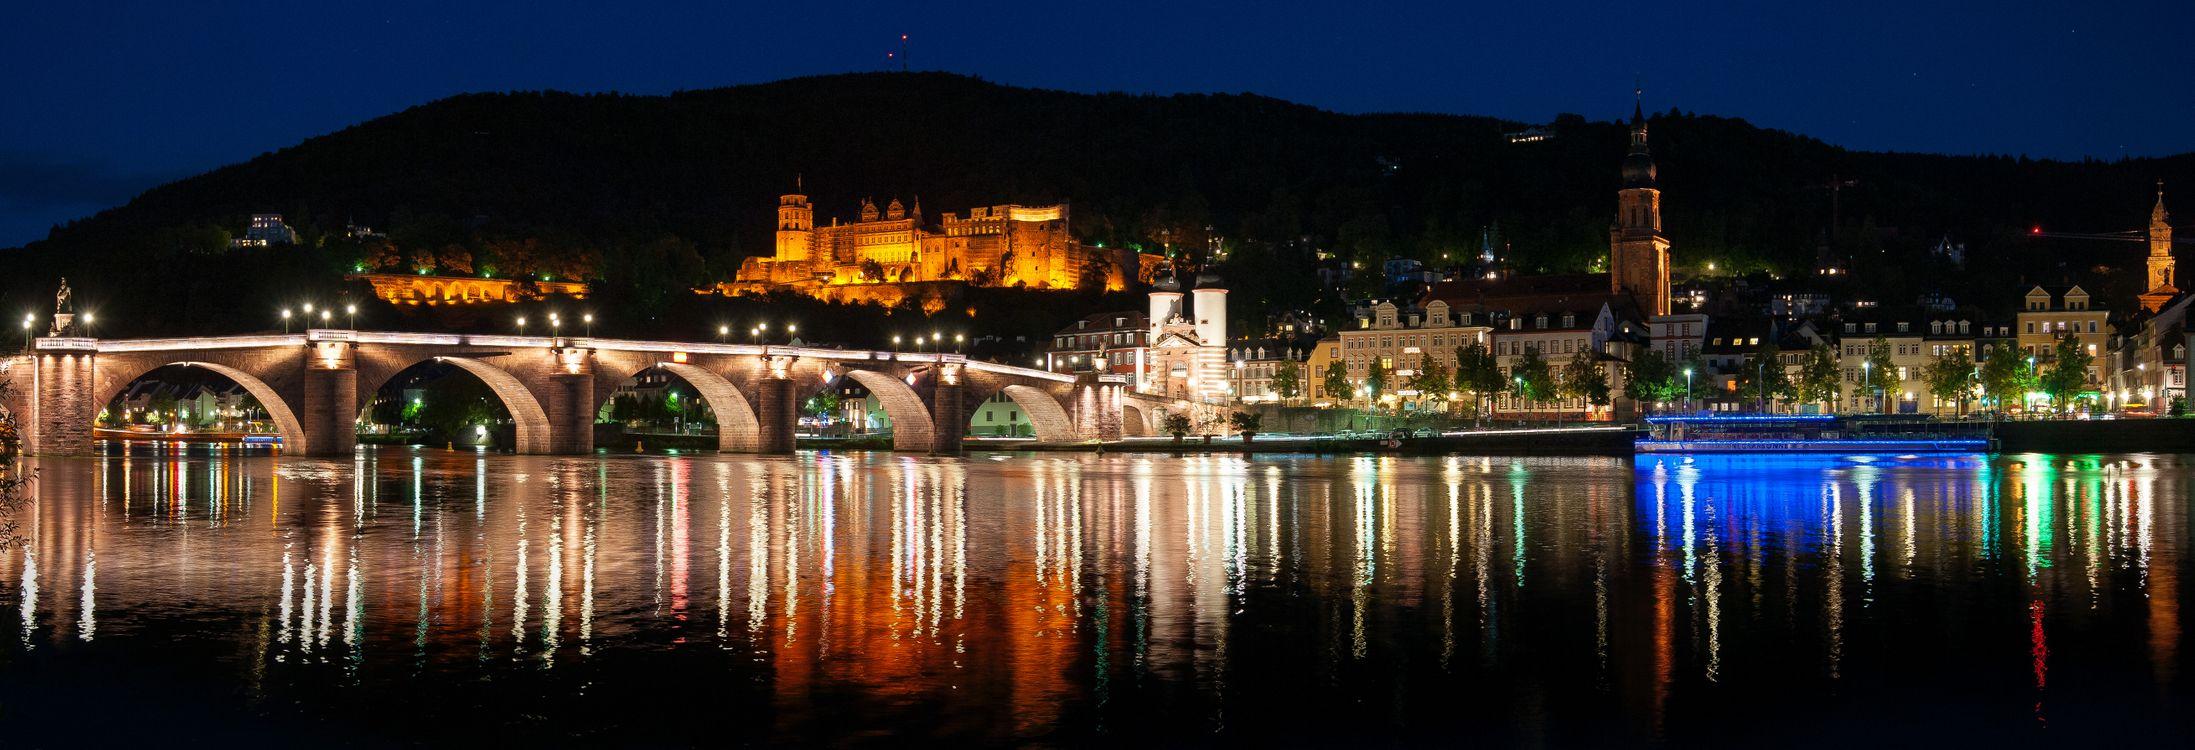 Фото бесплатно Heidelberg at night, Гейдельбергский замок, Гейдельберг - на рабочий стол